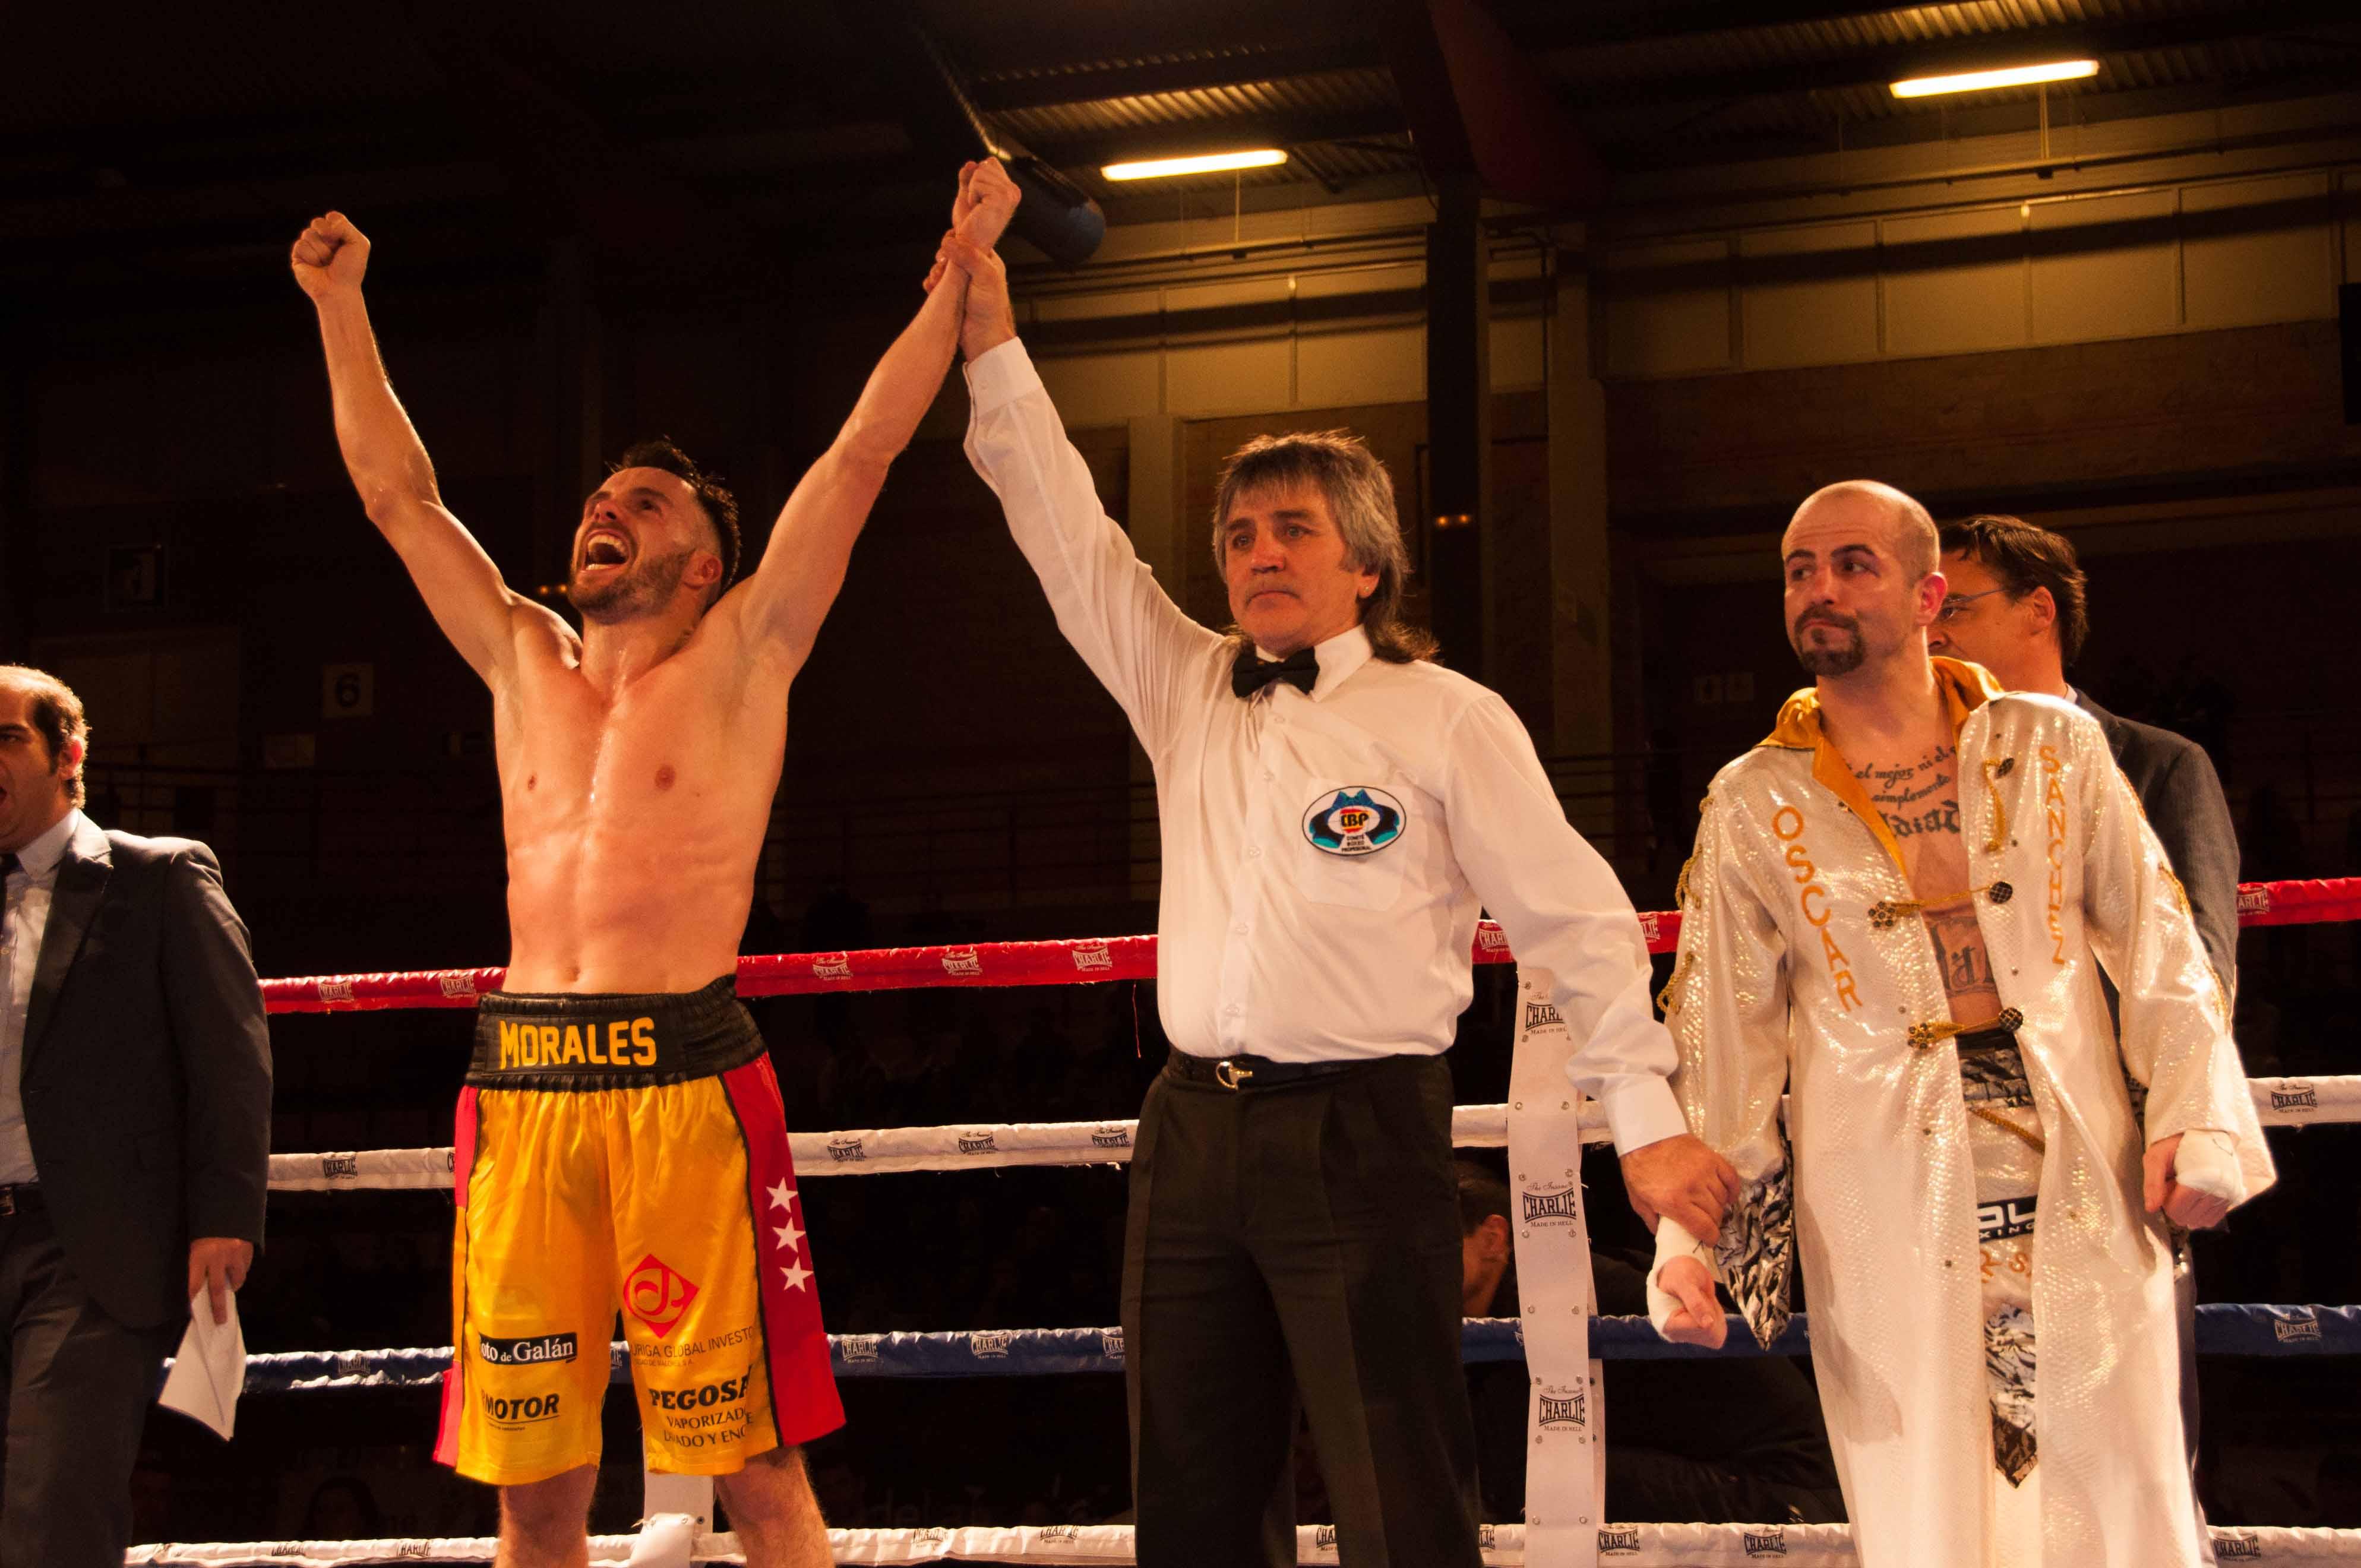 Morales de nuevo campeón de España